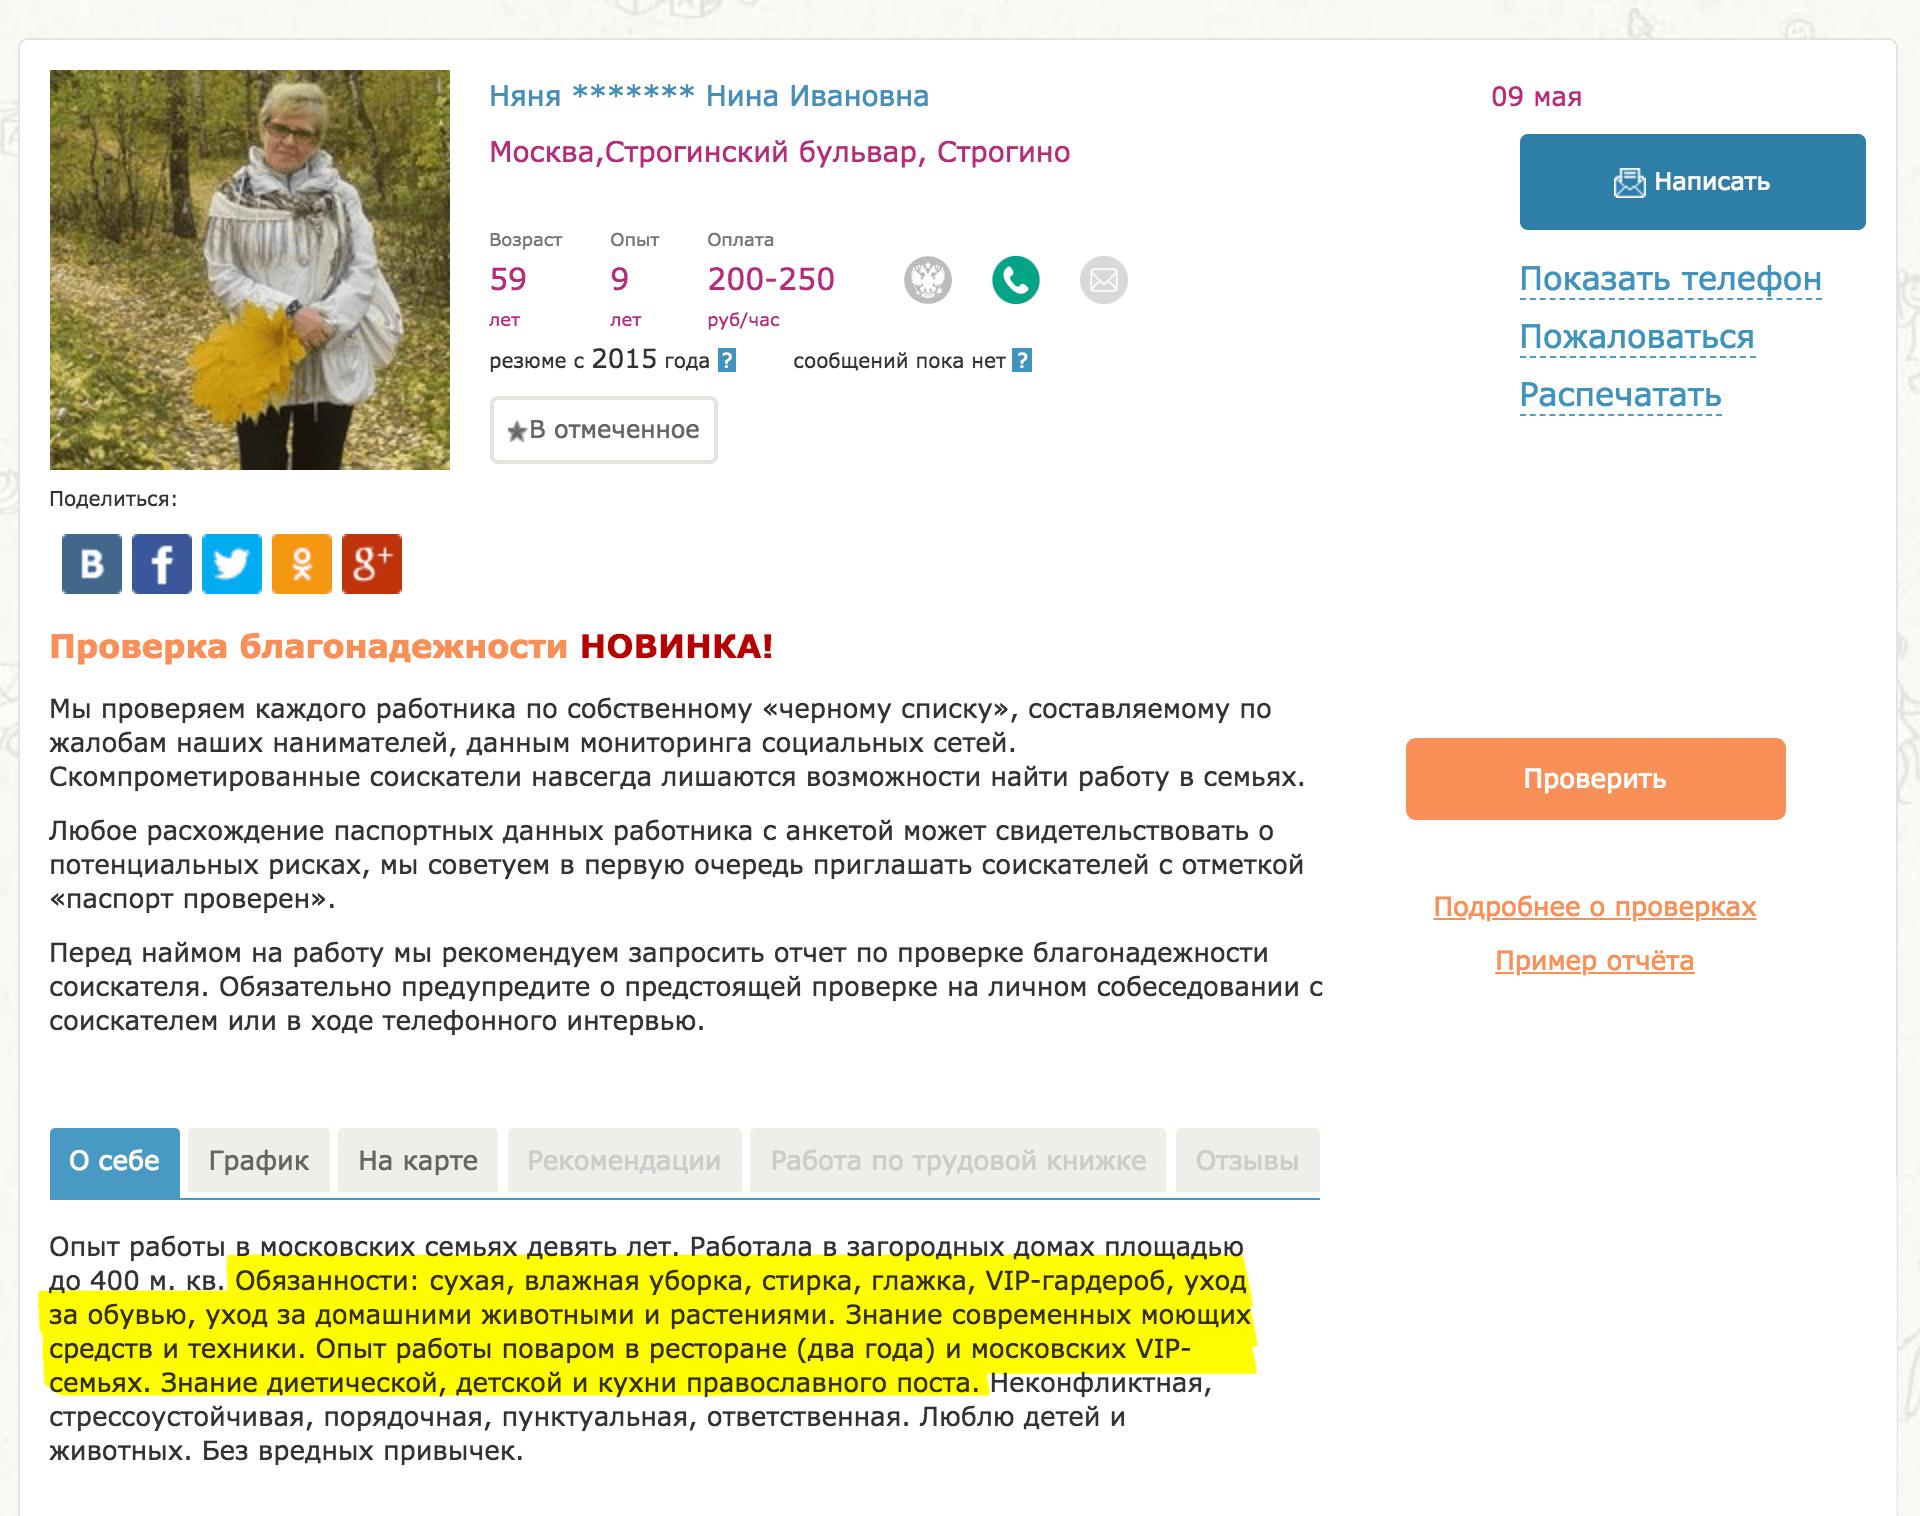 Профиль кандидата на сайте «Помогатель». Няня сразу пишет про опыт уборки и готовки